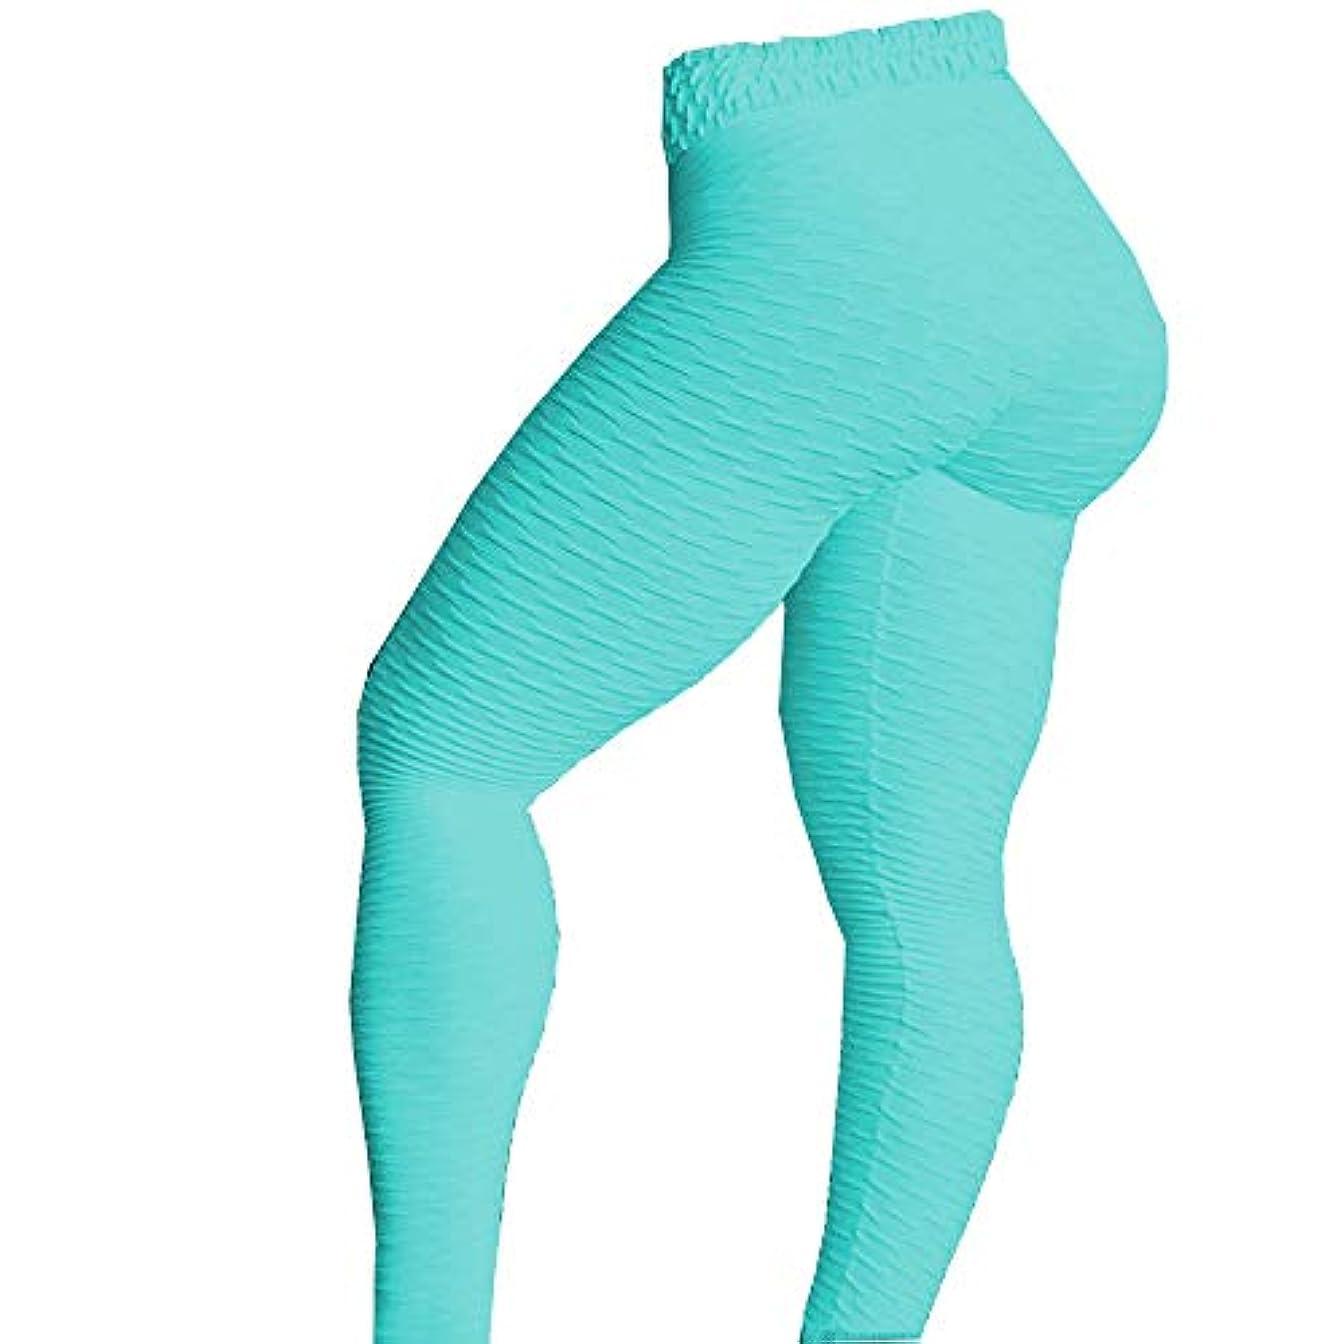 作家ワーム資産MIFAN パンツ女性、ハイウエストパンツ、スキニーパンツ、ヨガレギンス、女性のズボン、ランニングパンツ、スポーツウェア